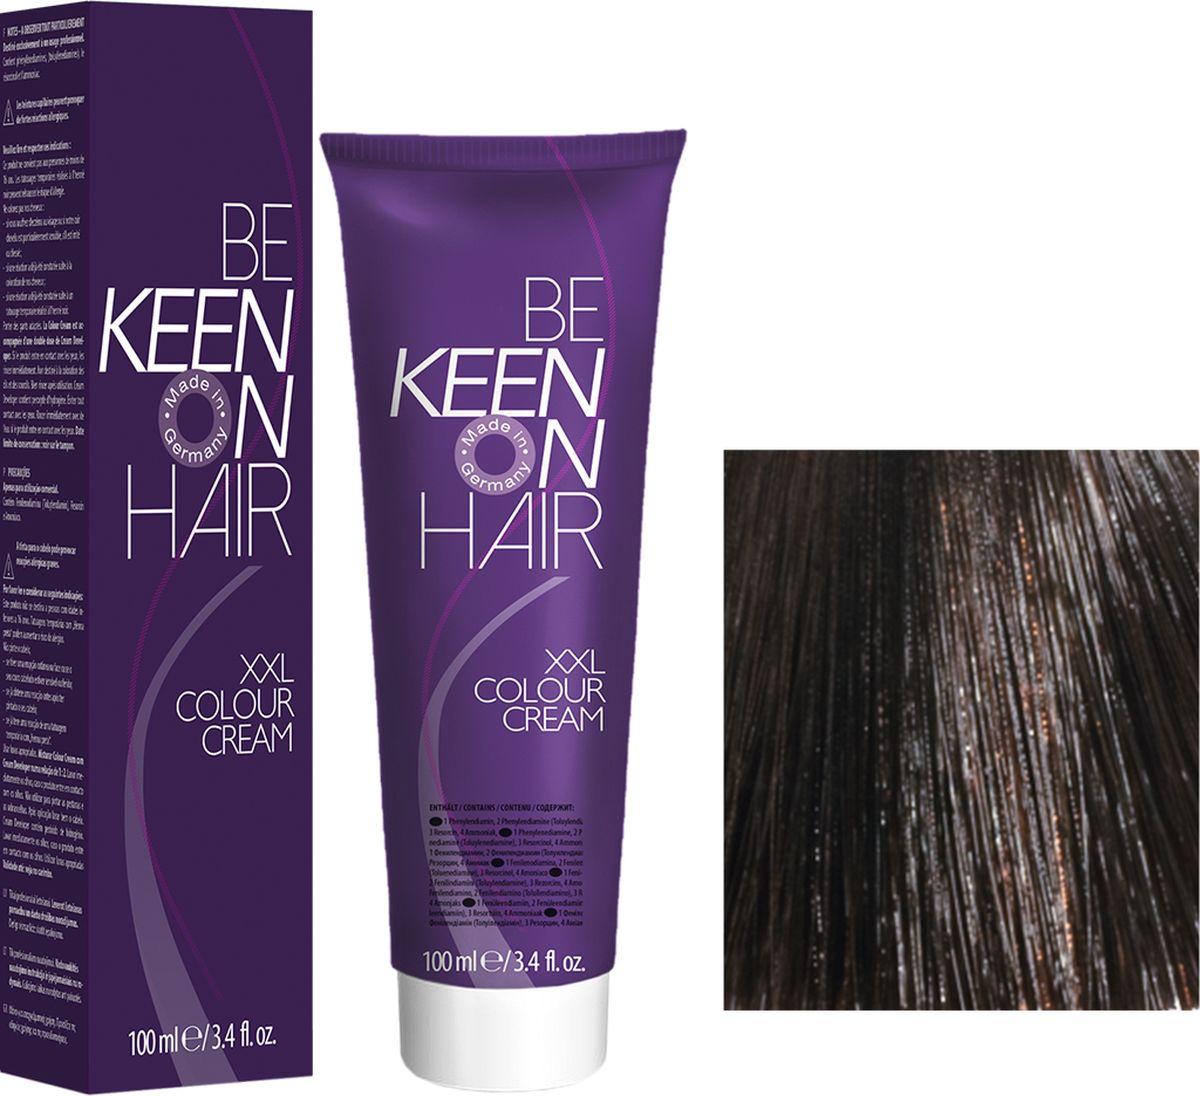 Keen Краска для волос 6.71 Табак Tabak, 100 млAP/1000Модные оттенкиБолее 100 оттенков для креативной комбинации цветов.ЭкономичностьПри использовании тюбика 100 мл вы получаете оптимальное соотношение цены и качества!УходМолочный белок поддерживает структуру волоса во время окрашивания и придает волосам блеск и шелковистость. Протеины хорошо встраиваются в волосы и снабжают их влагой.